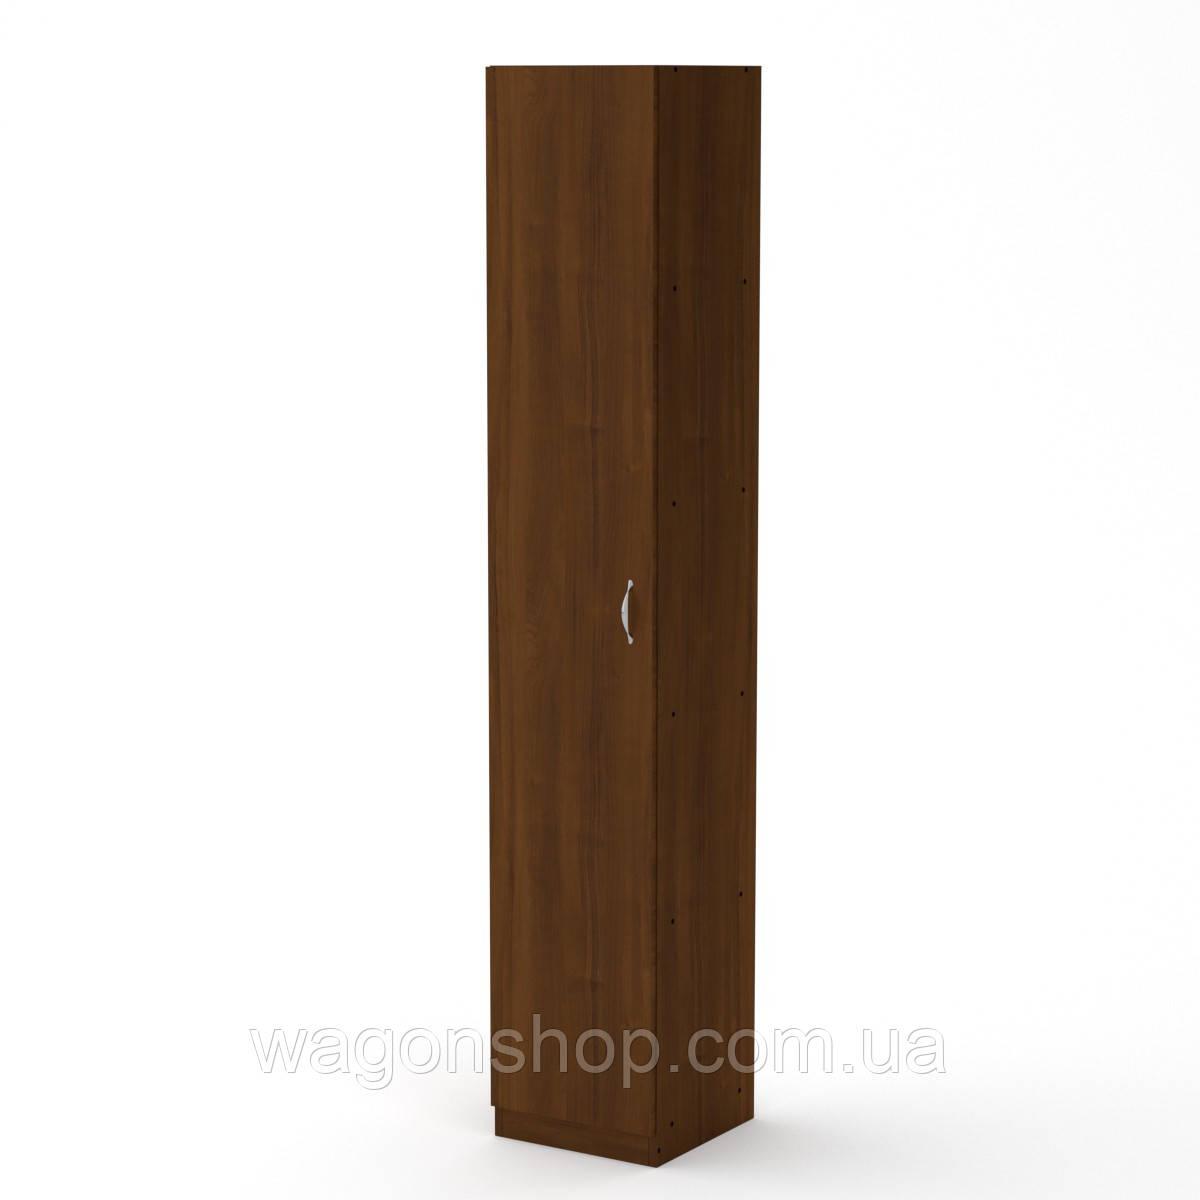 Шкаф универсальный Компанит КШ-8